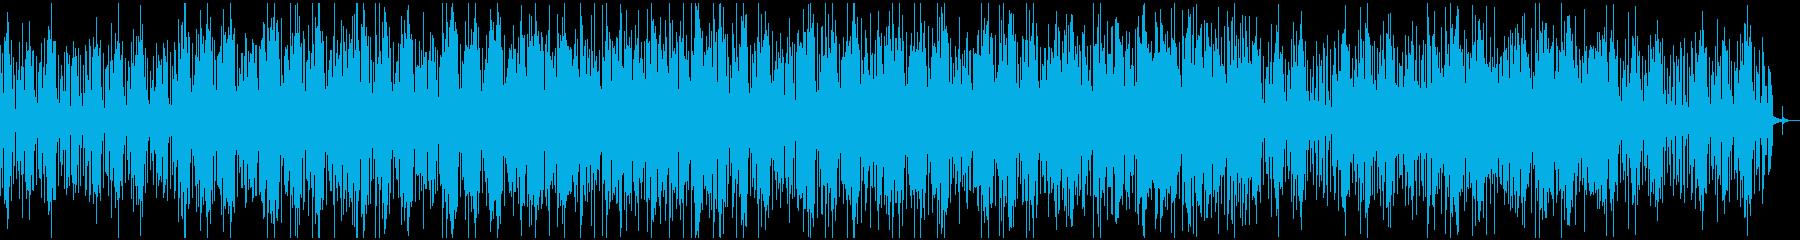 R&B/リラックス感のあるエレクトロの再生済みの波形